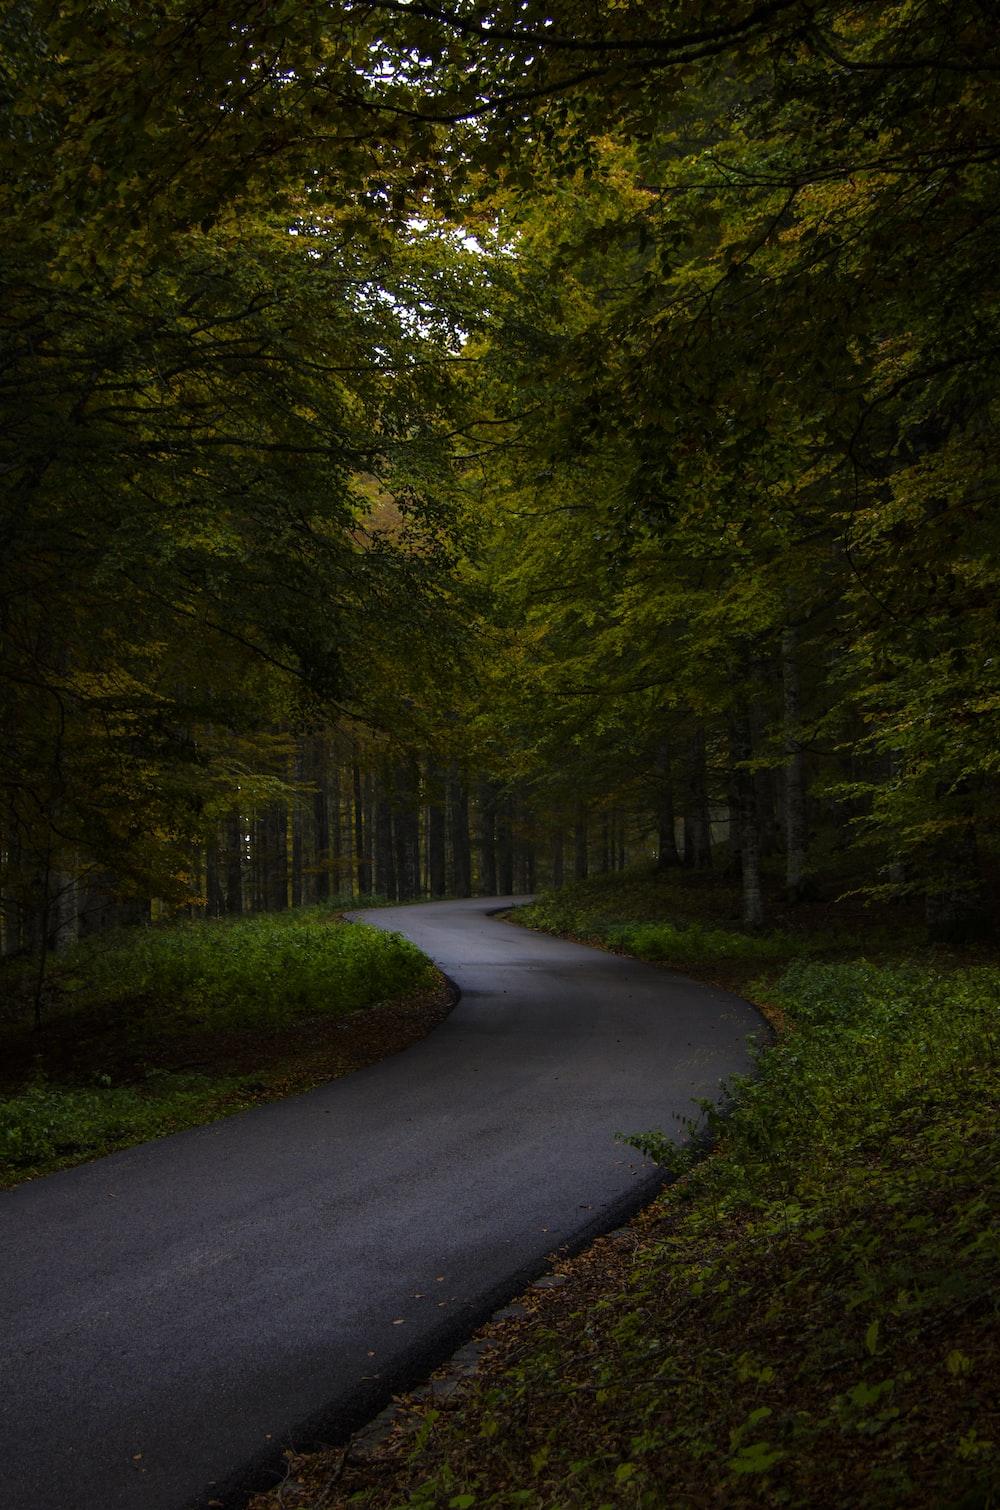 trees besidegrey concrete road